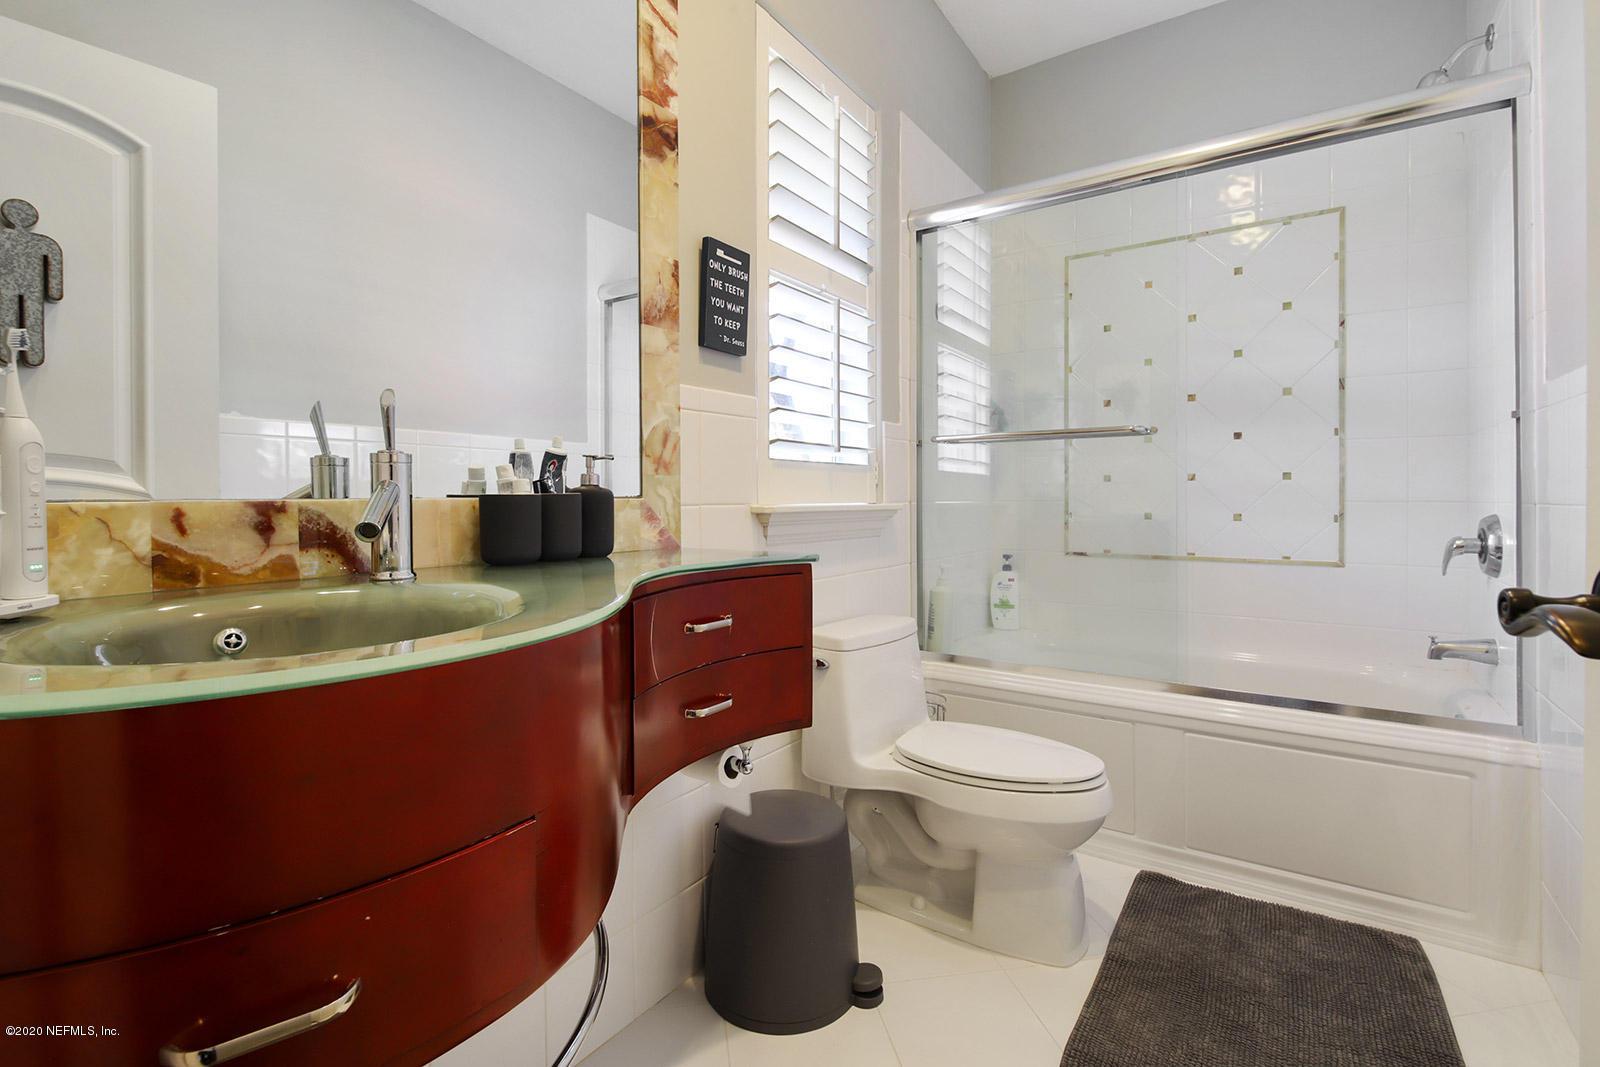 2843 CASA DEL RIO, JACKSONVILLE, FLORIDA 32257, 4 Bedrooms Bedrooms, ,4 BathroomsBathrooms,Residential,For sale,CASA DEL RIO,1041974